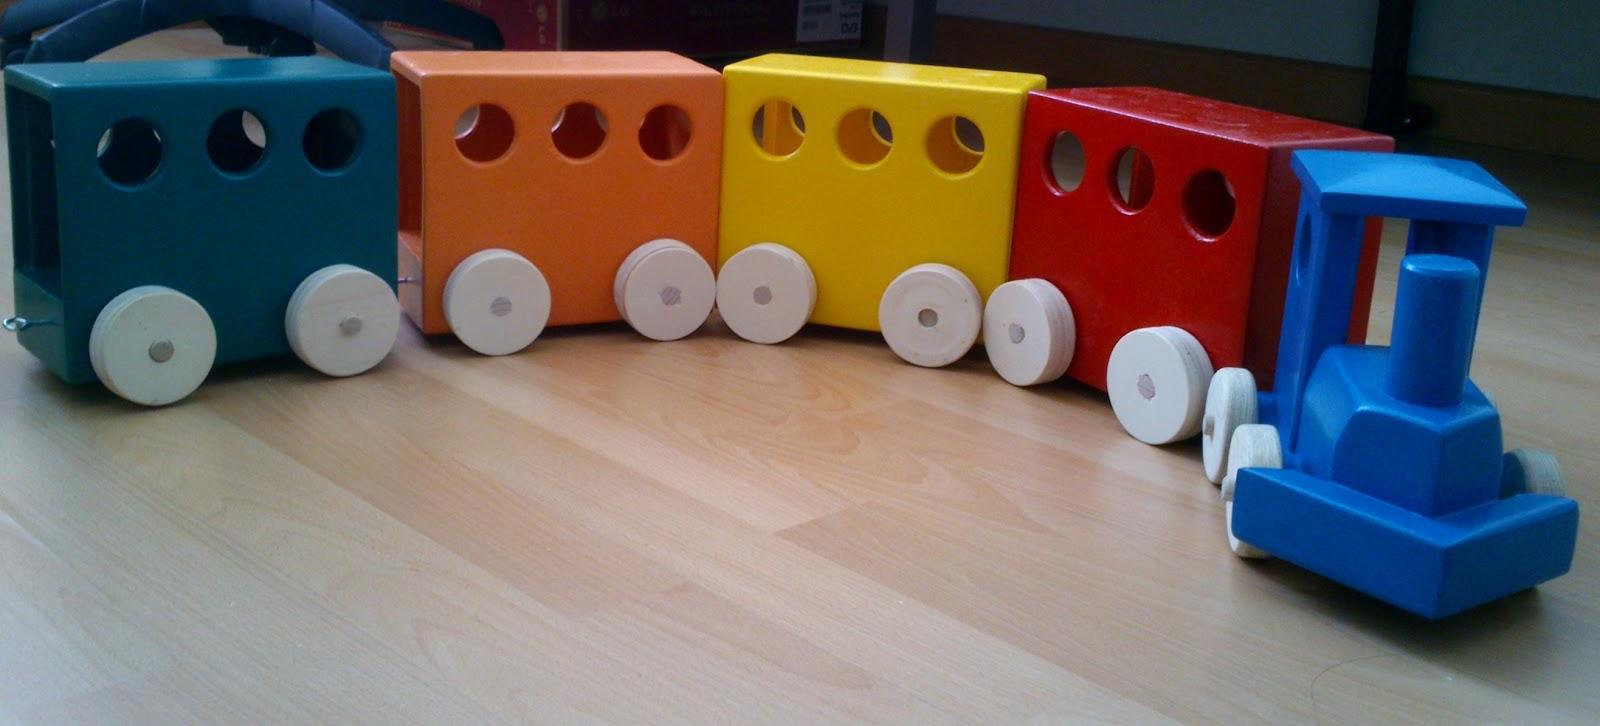 Y Ideas Para Carpinteria Muebles lKJF1cu3T5